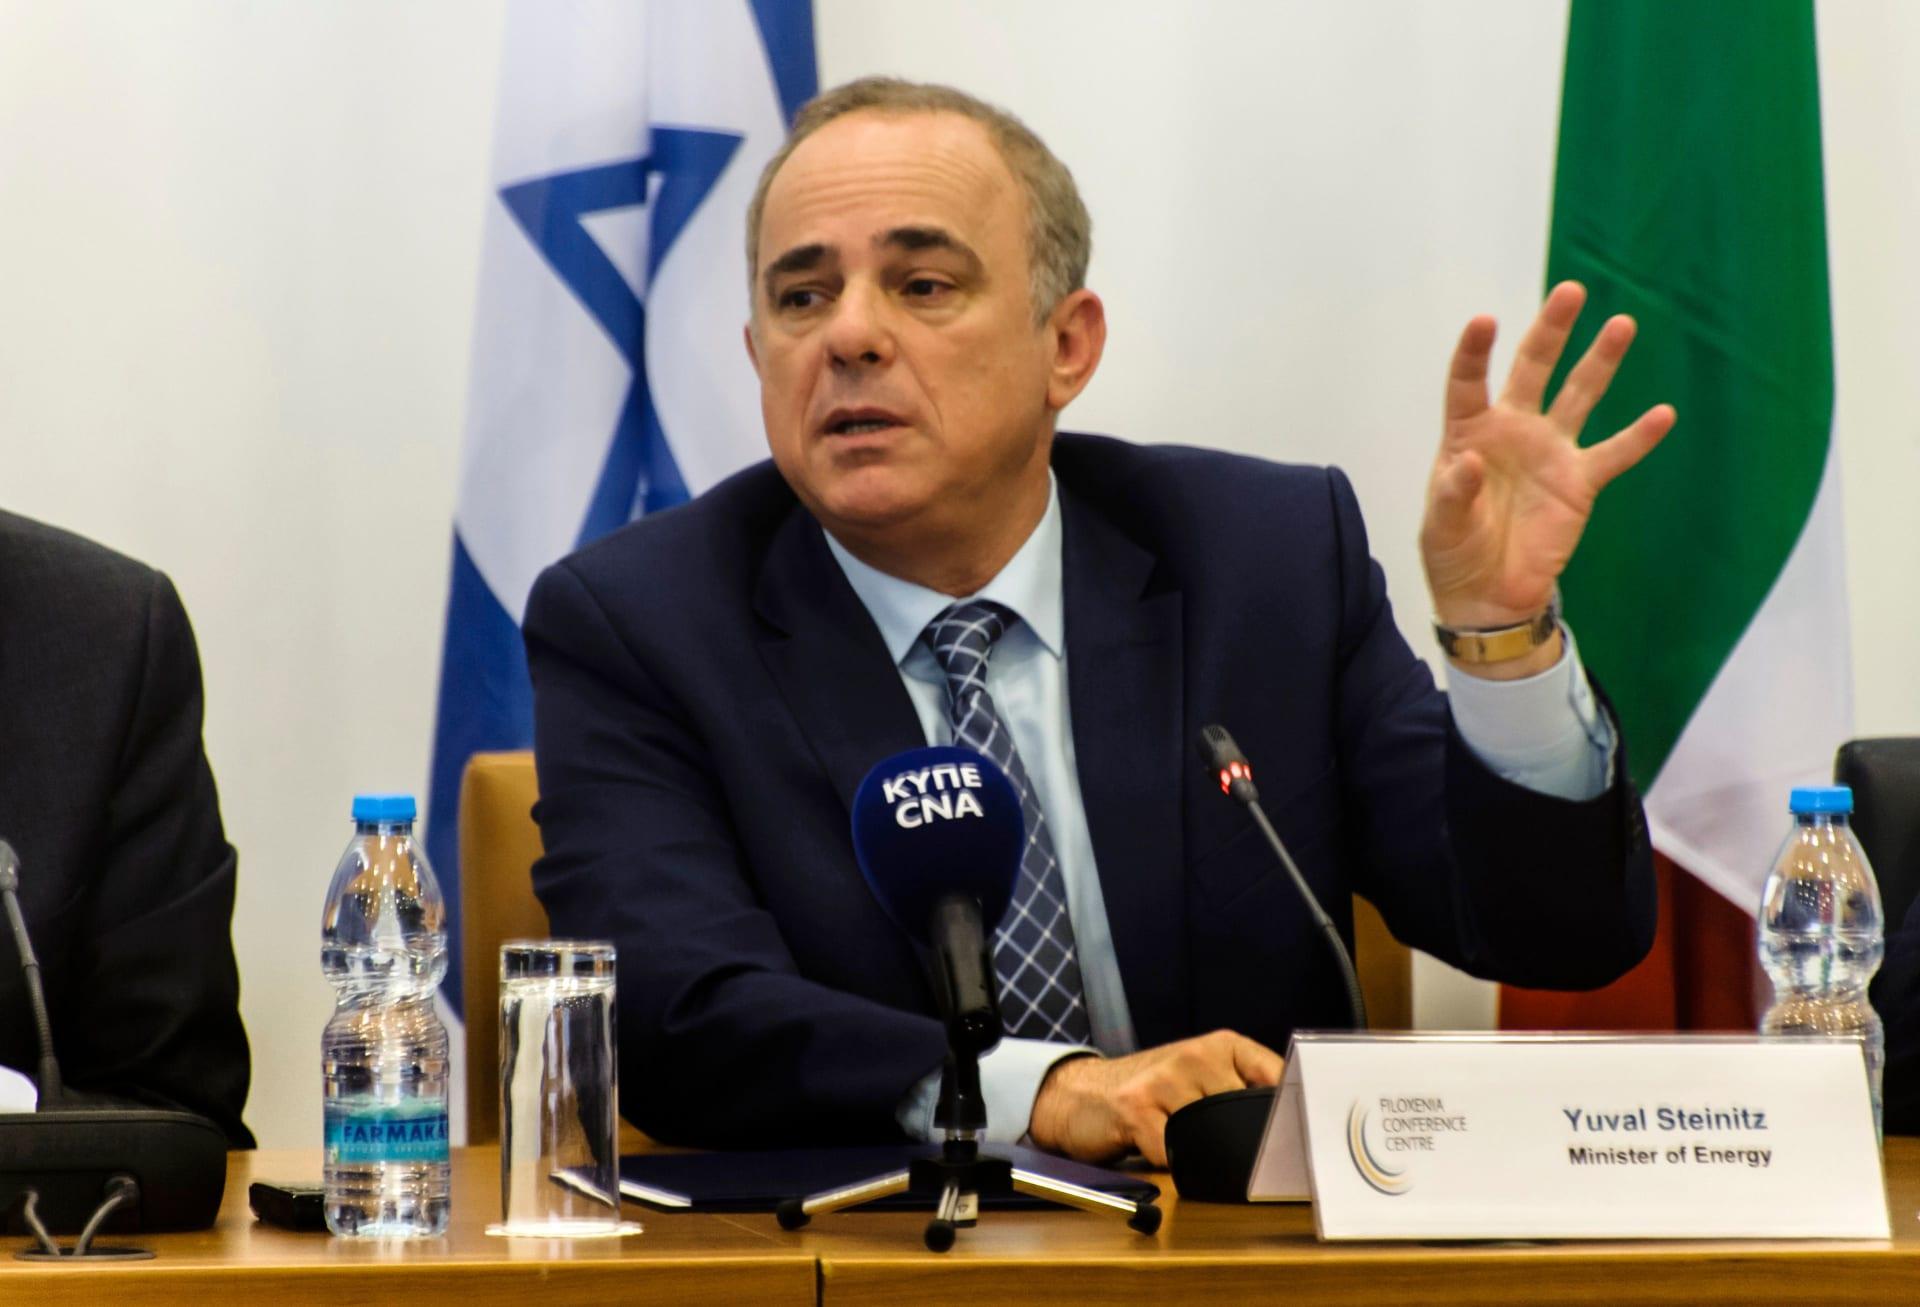 وزير إسرائيلي يرد على تصريحات الرئيس اللبناني حول ترسيم الحدود البحرية: لا تعرف جميع الحقائق